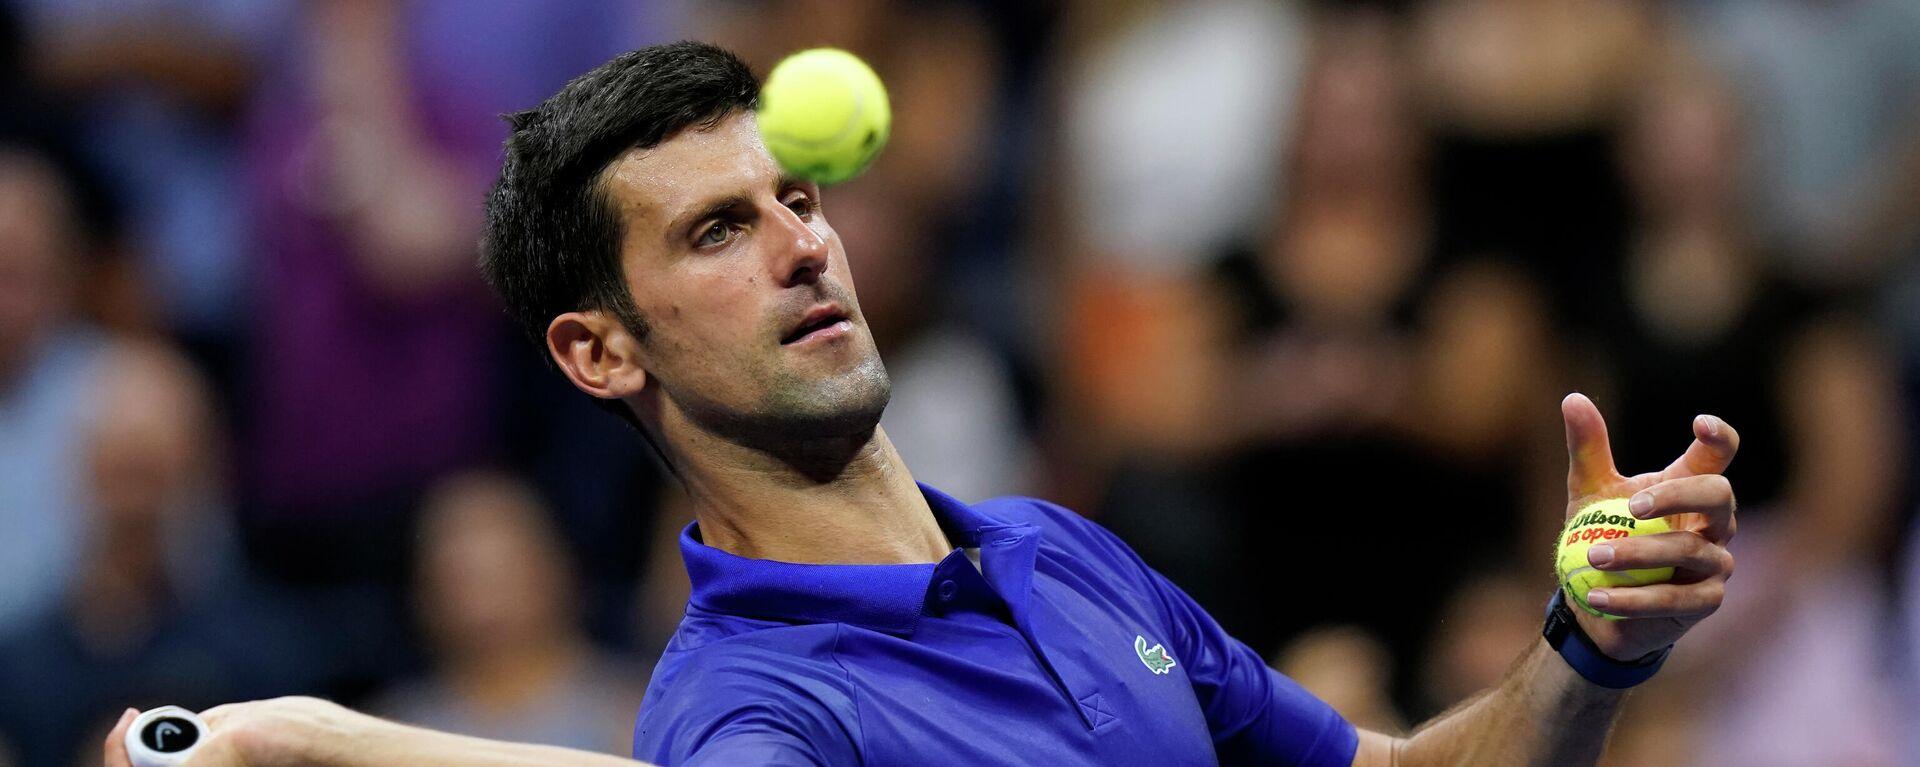 Novak Đoković u prvom kolu US opena 2021. - Sputnik Srbija, 1920, 01.09.2021